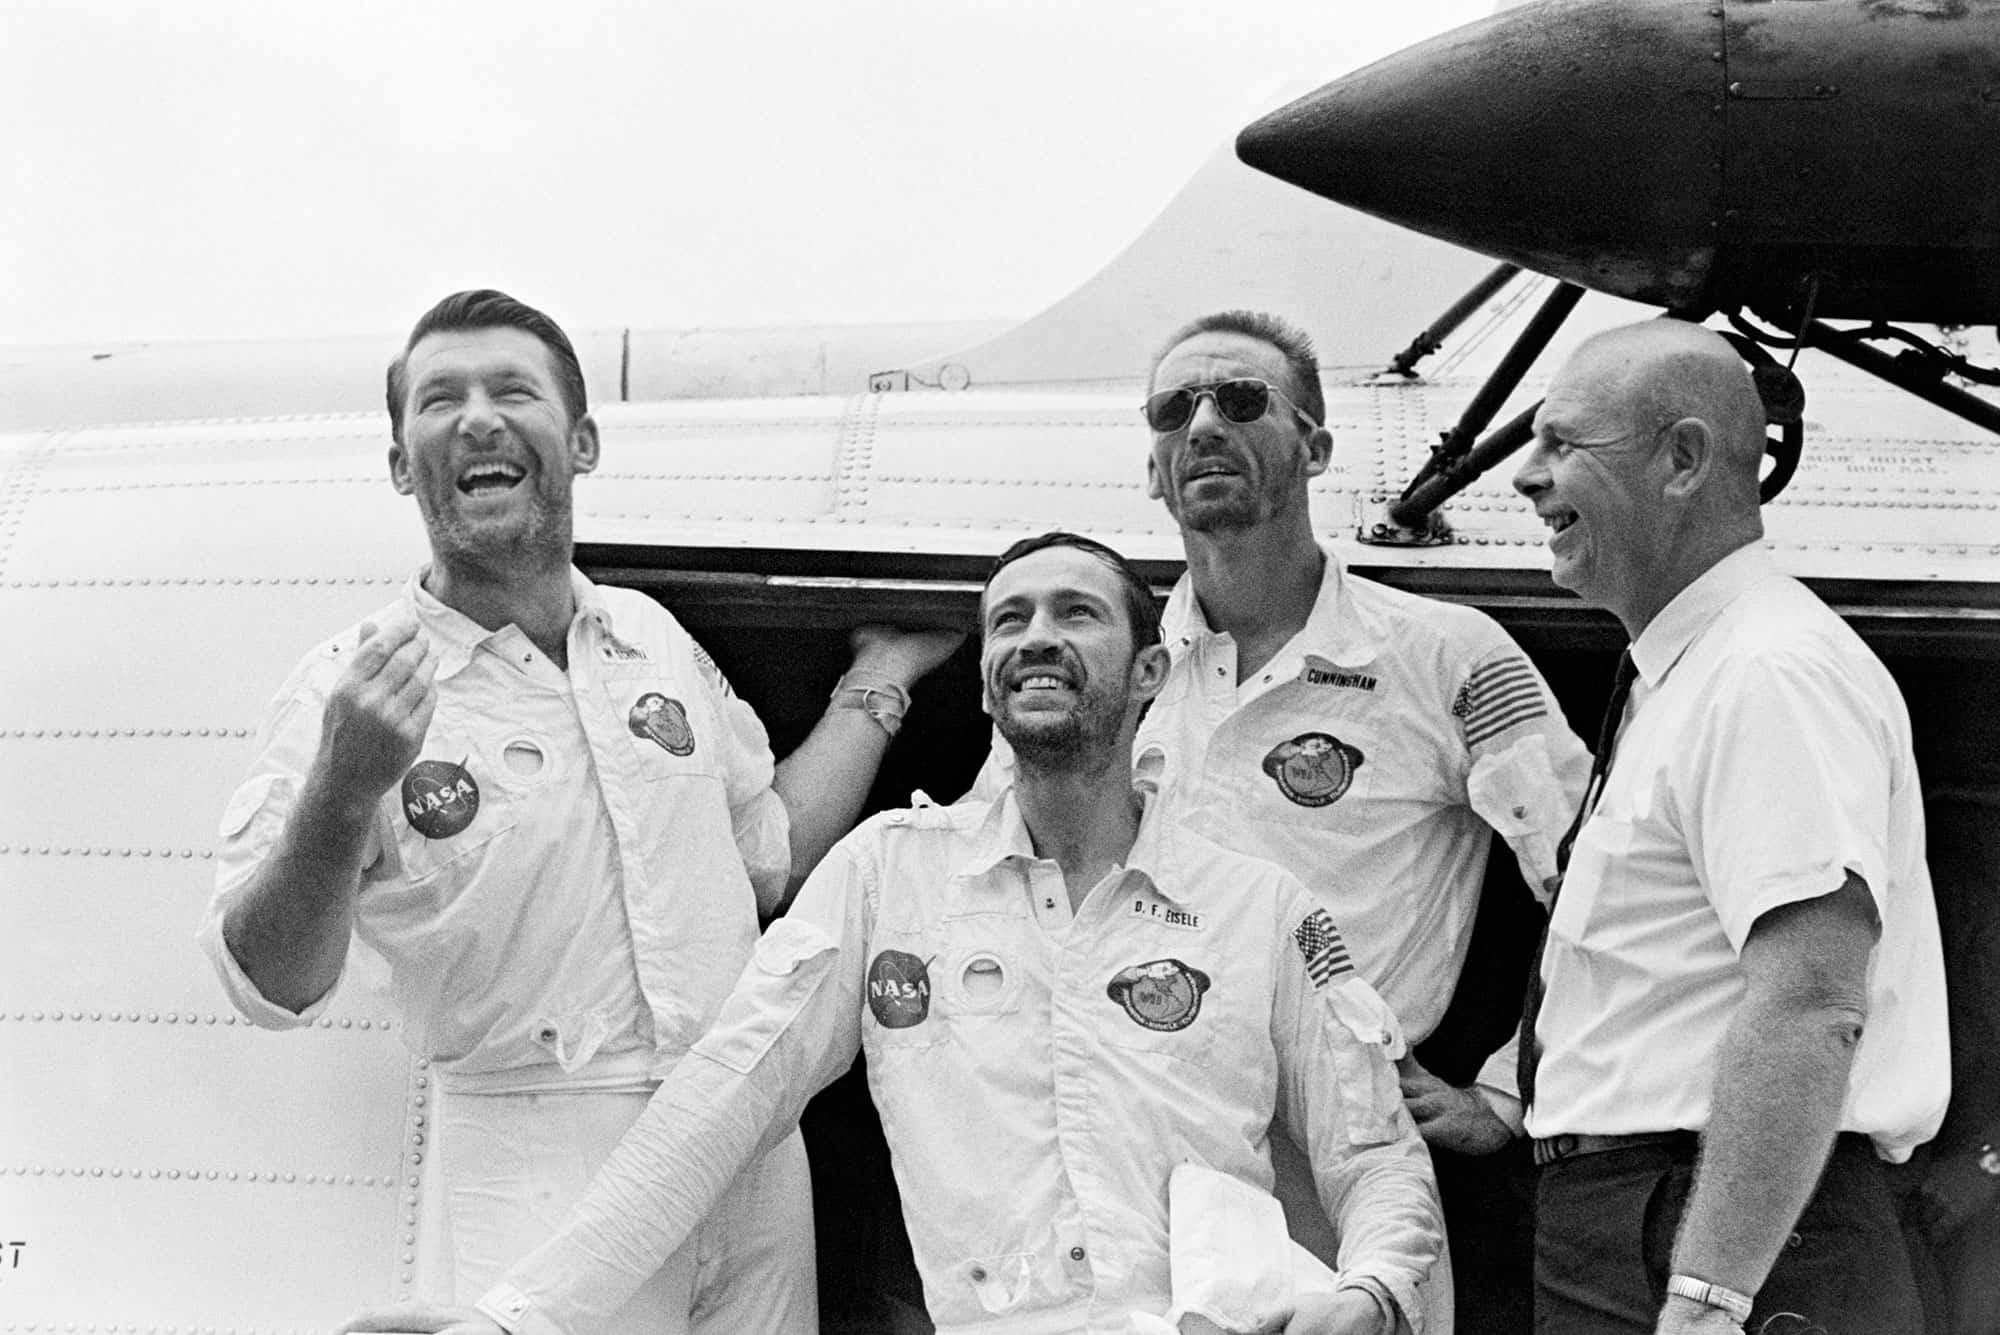 La tripulación del Apolo 7